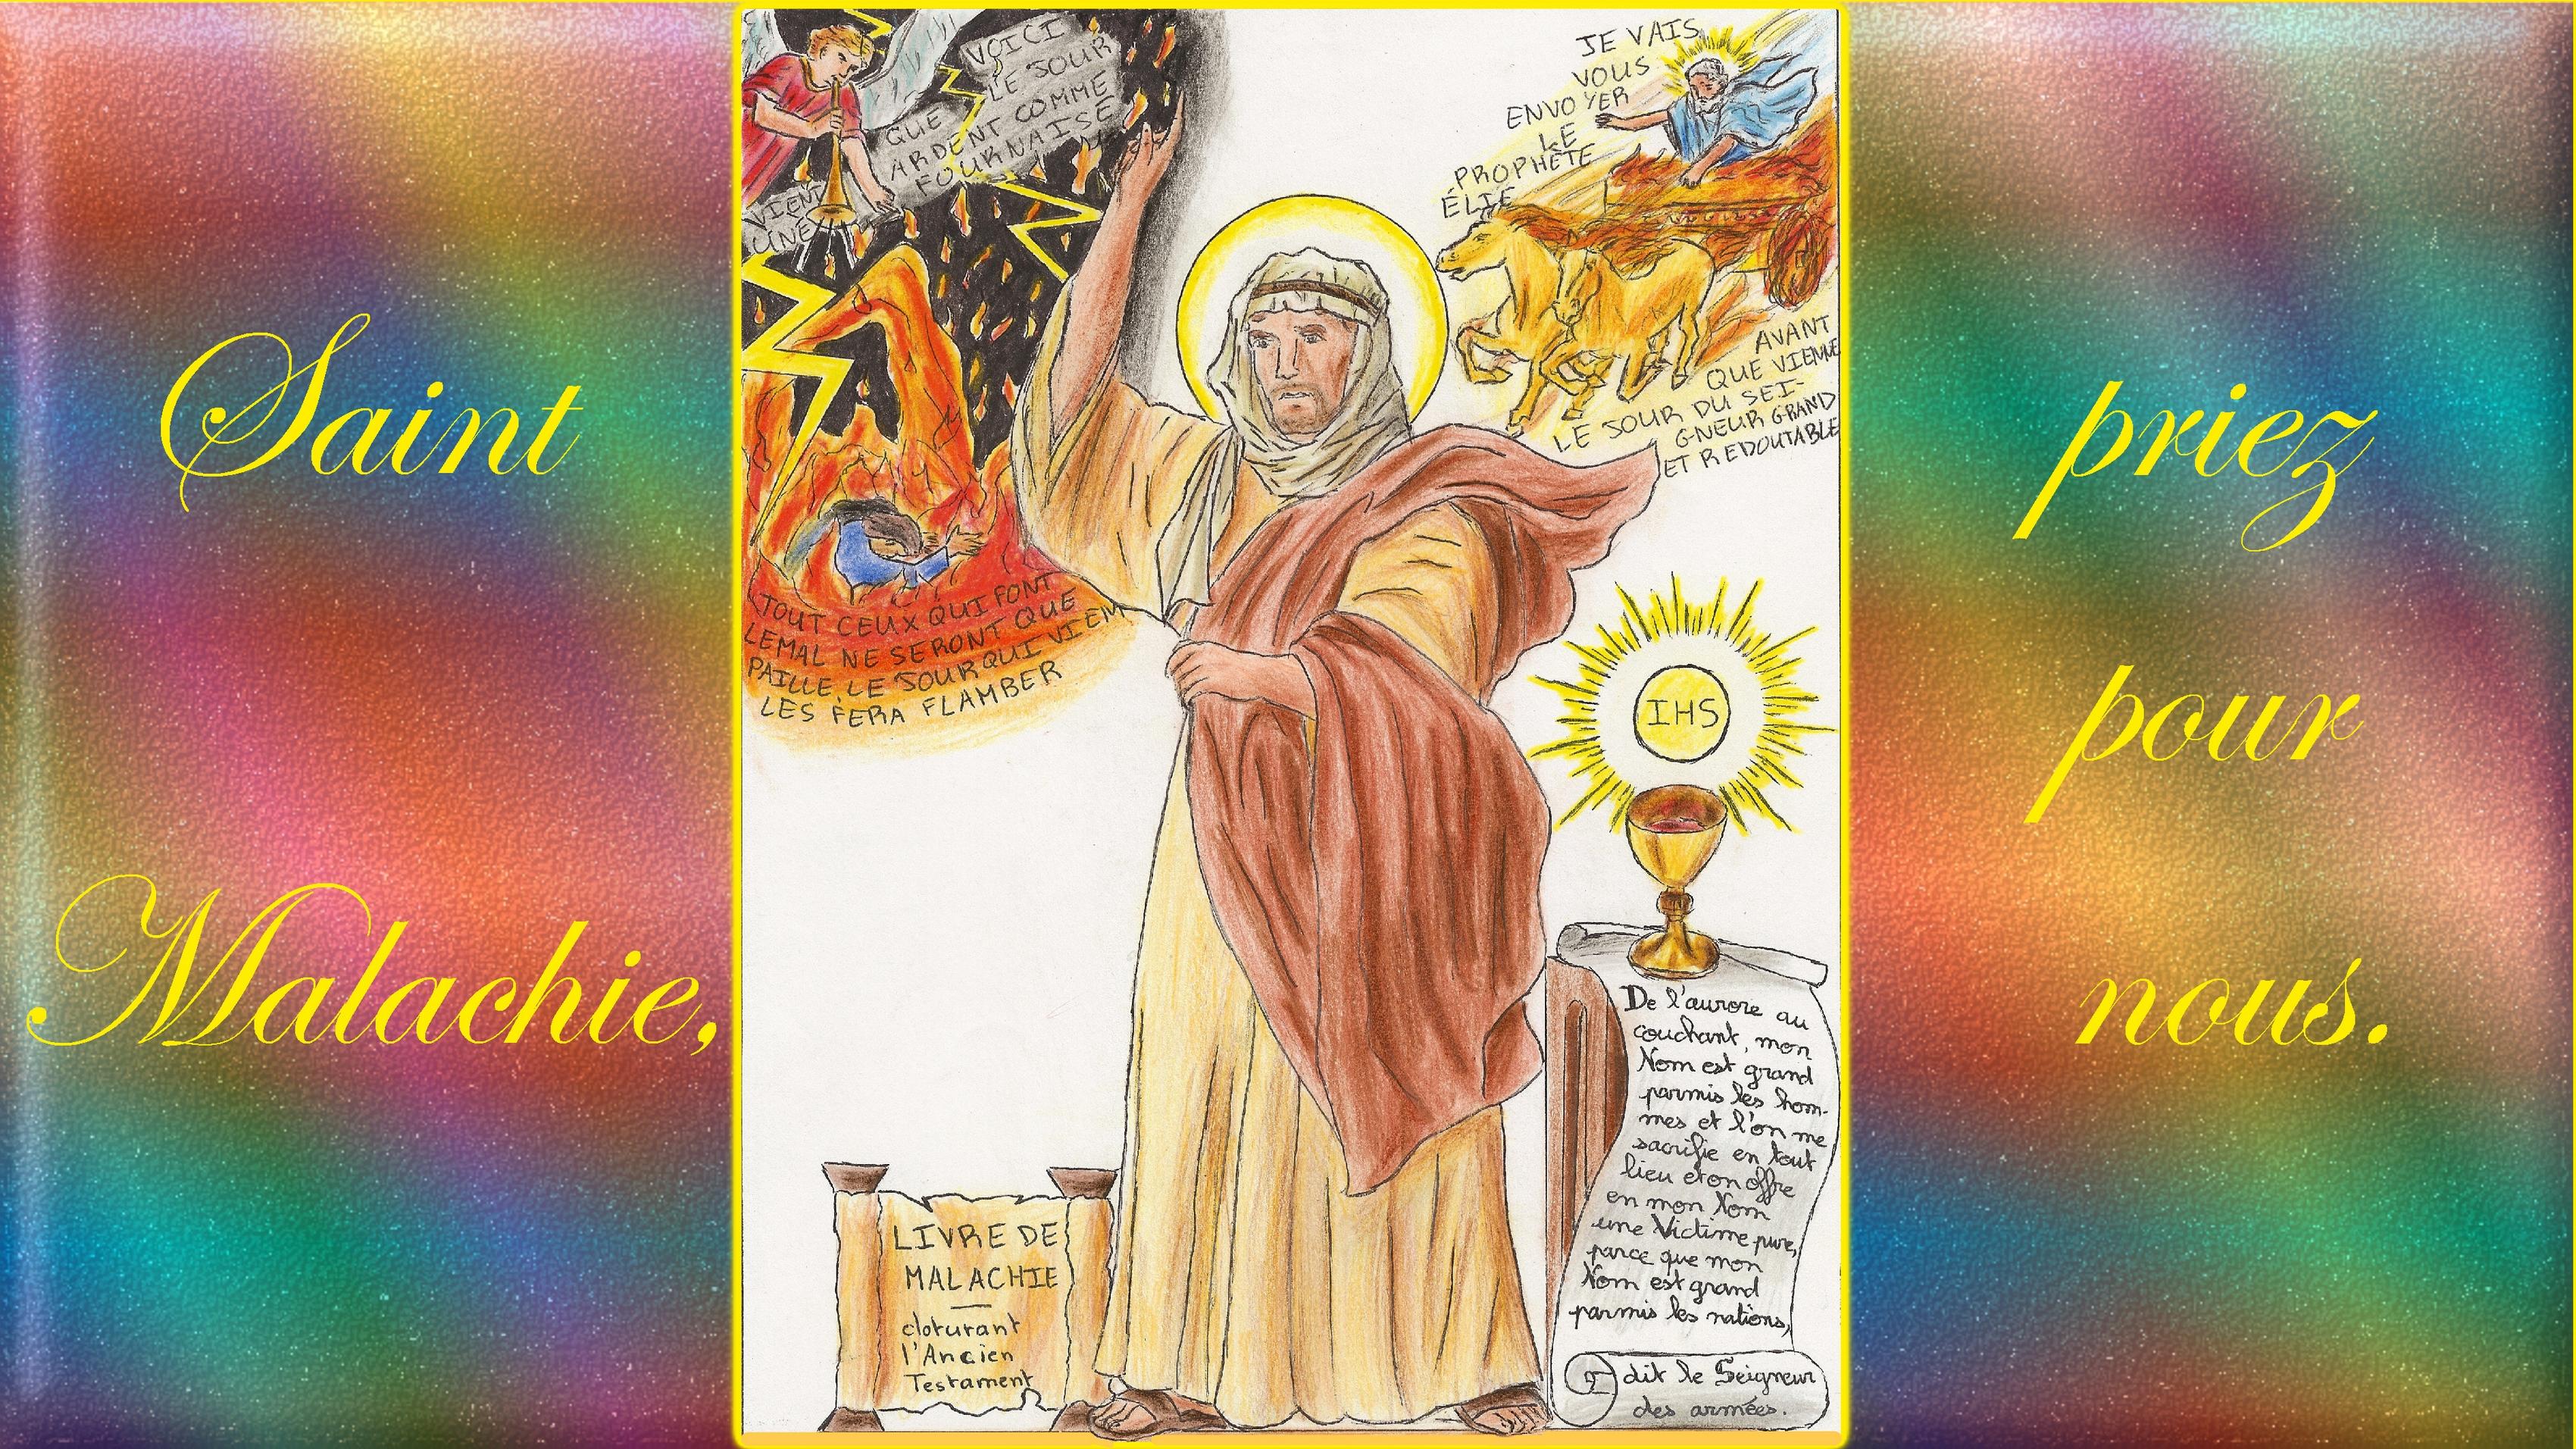 CALENDRIER CATHOLIQUE 2020 (Cantiques, Prières & Images) - Page 2 St-malachie-56f3864